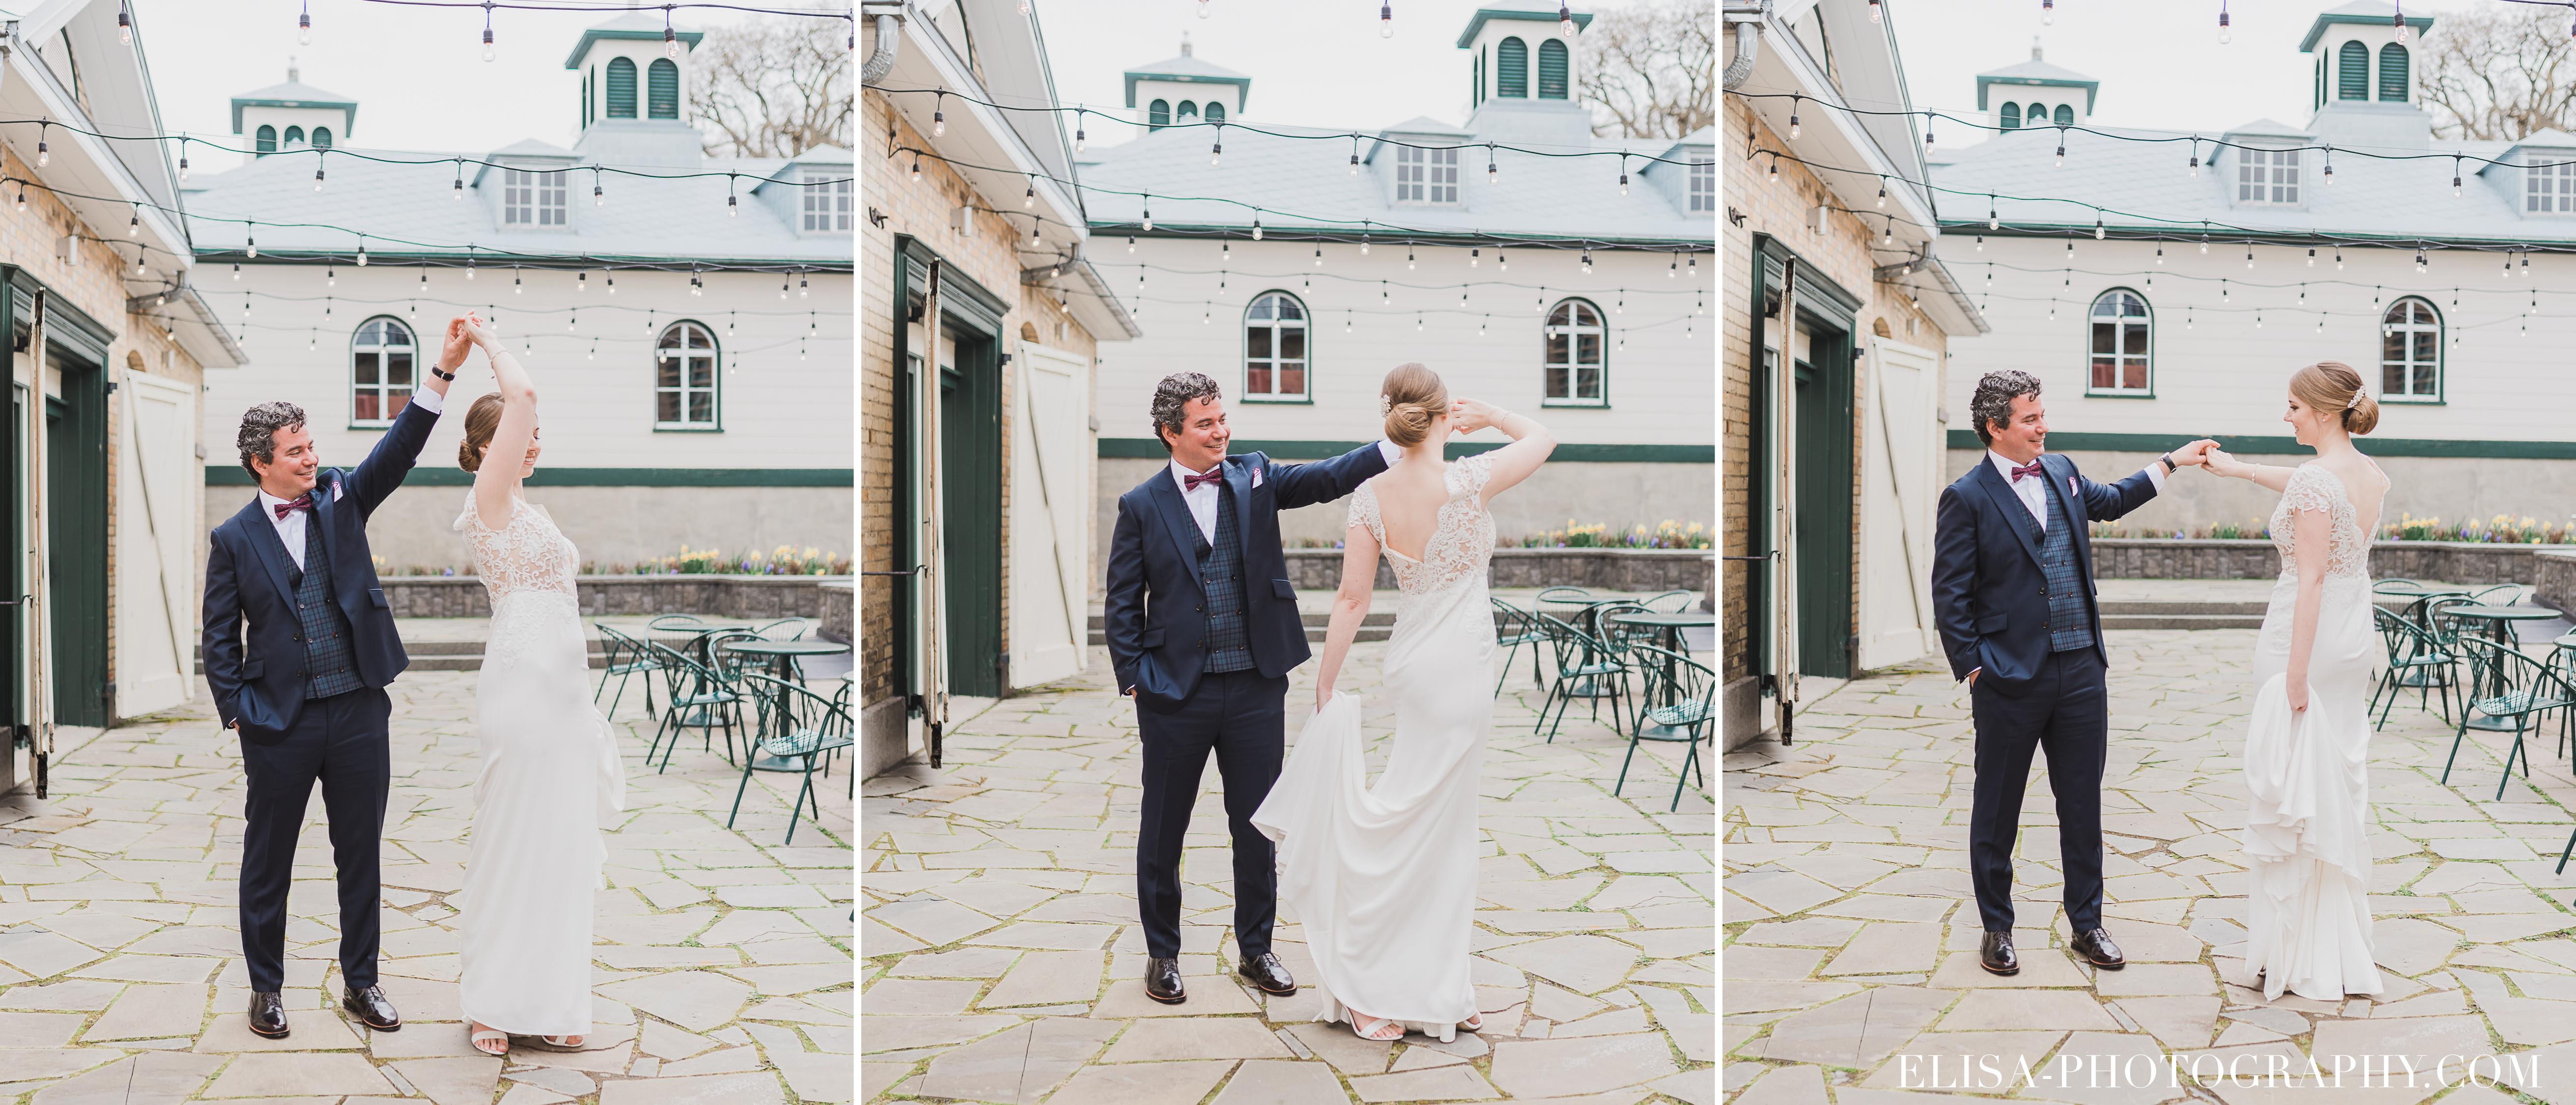 photo mariage first look quebec domaine cataraqui elisa photographe danse naturelle romantique - Mariage élégant et discret au coeur du magnifique Domaine Cataraqui, Québec